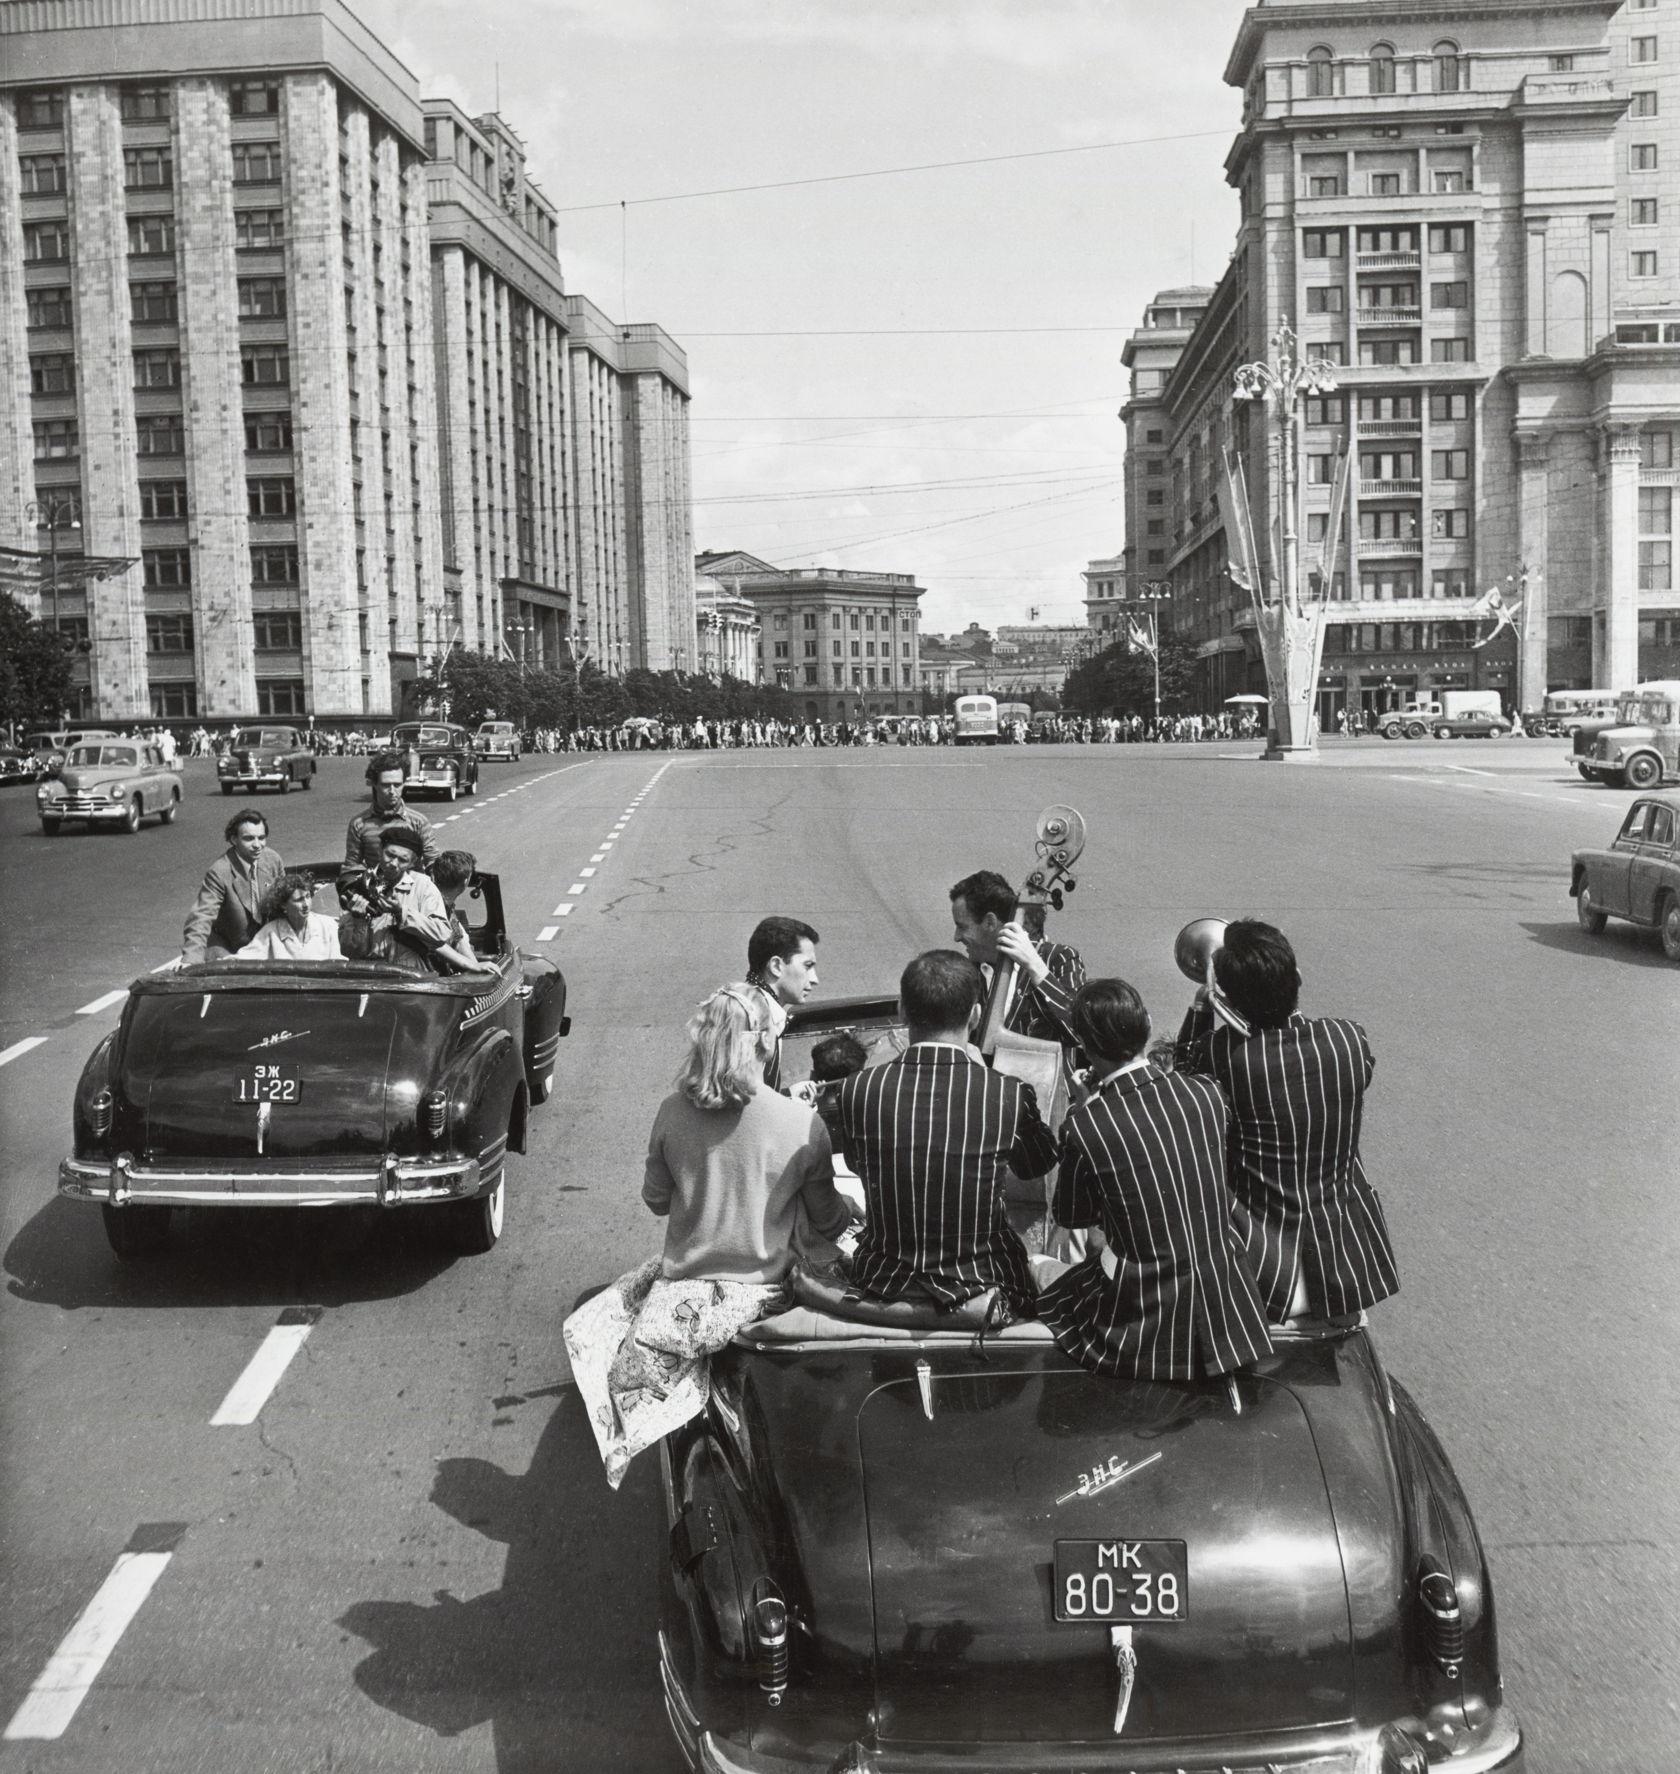 Ситуацията в Москва е толкова различна, че съветските хора, живеещи в провинцията, говорят за столицата с гордост, възторг и силна завист.